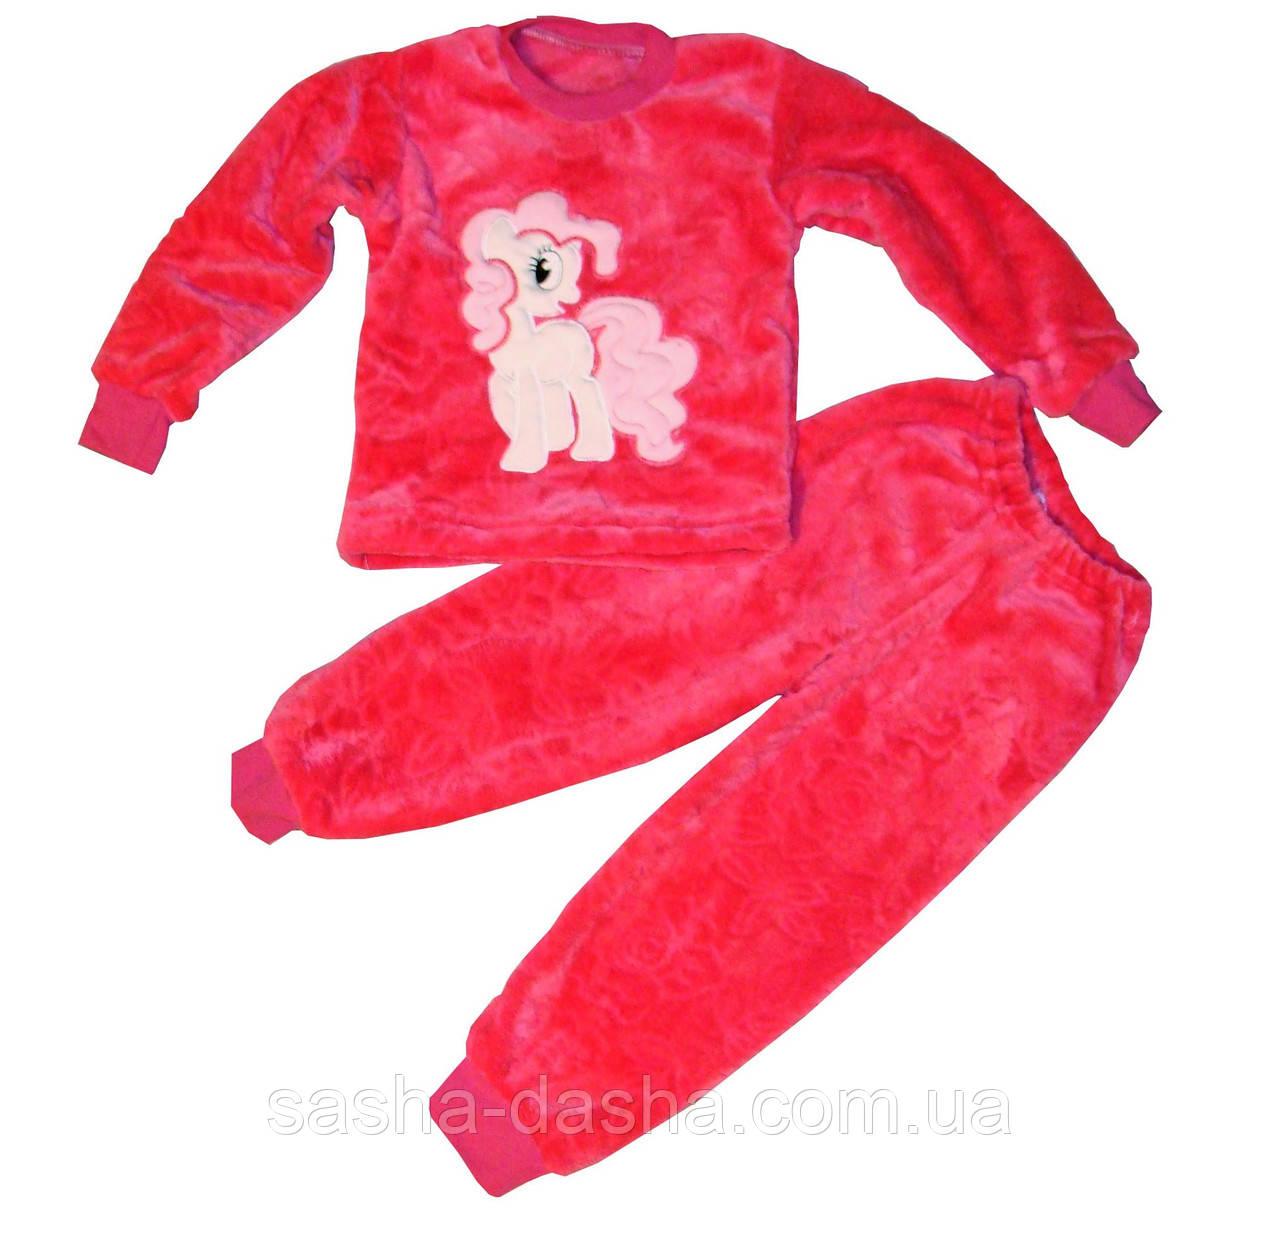 9383b7925d63 Махровая пижама детская  продажа, цена в Полтаве. пижамы детские от ...